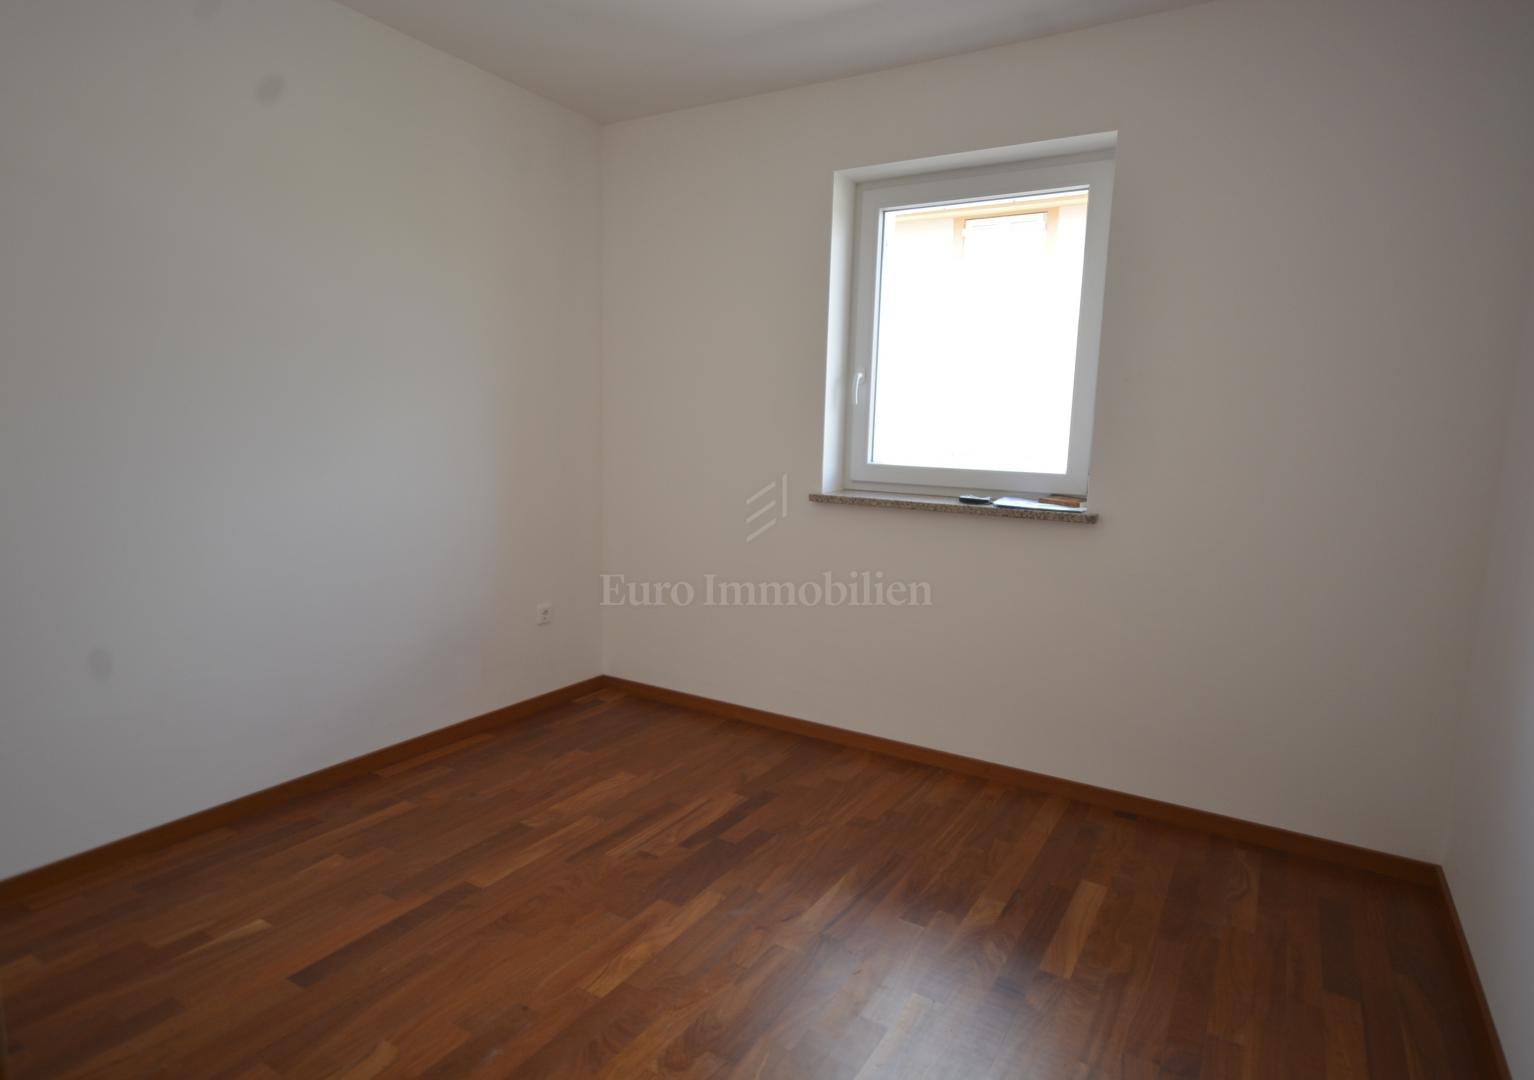 Nekorišteni dvosobni apartman na prvom katu